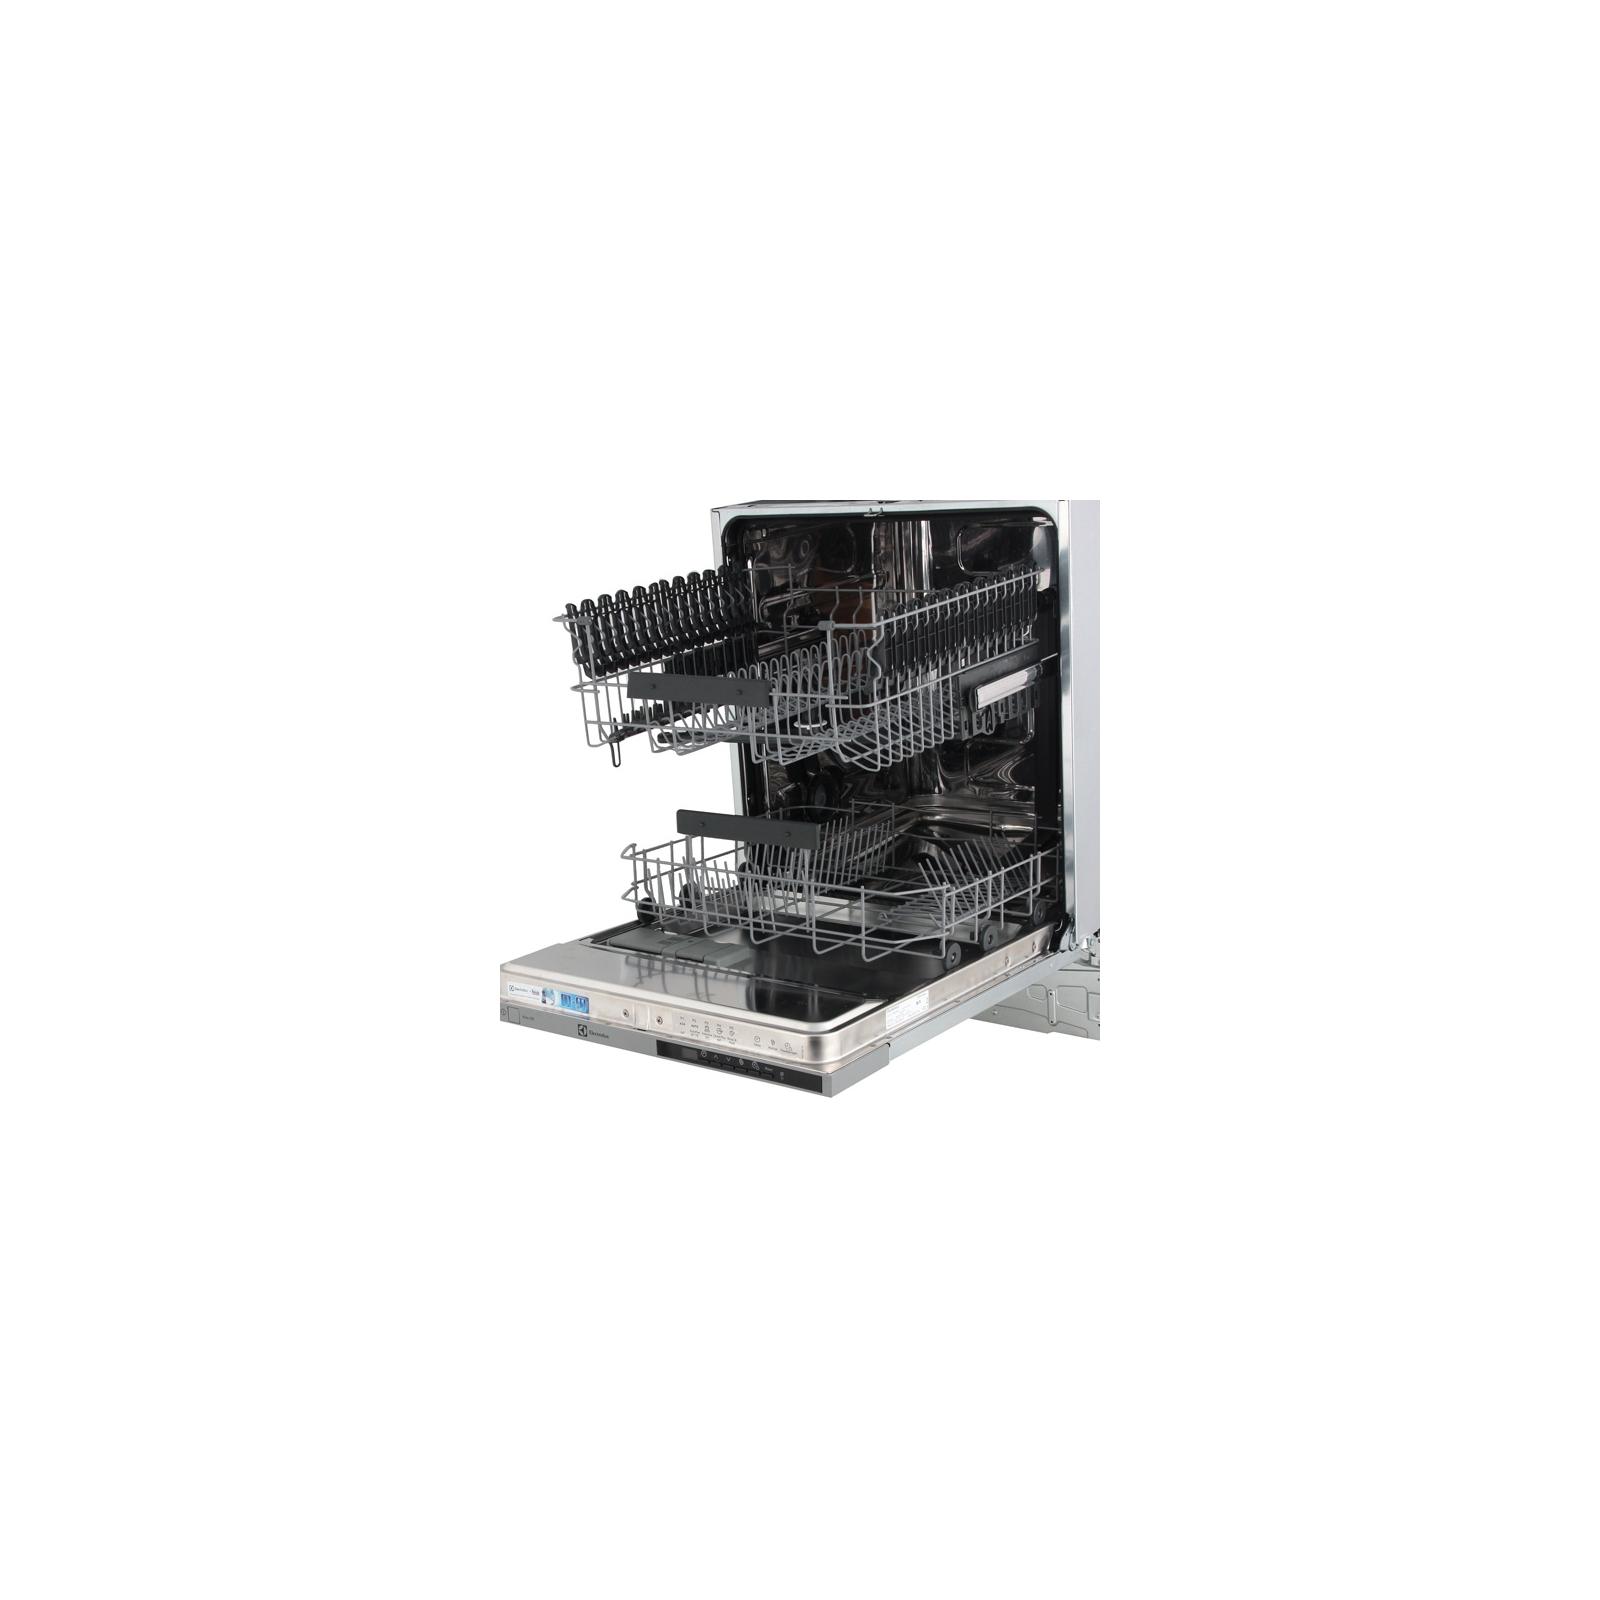 Посудомоечная машина ELECTROLUX ESL 95330 LO (ESL95330LO) изображение 2